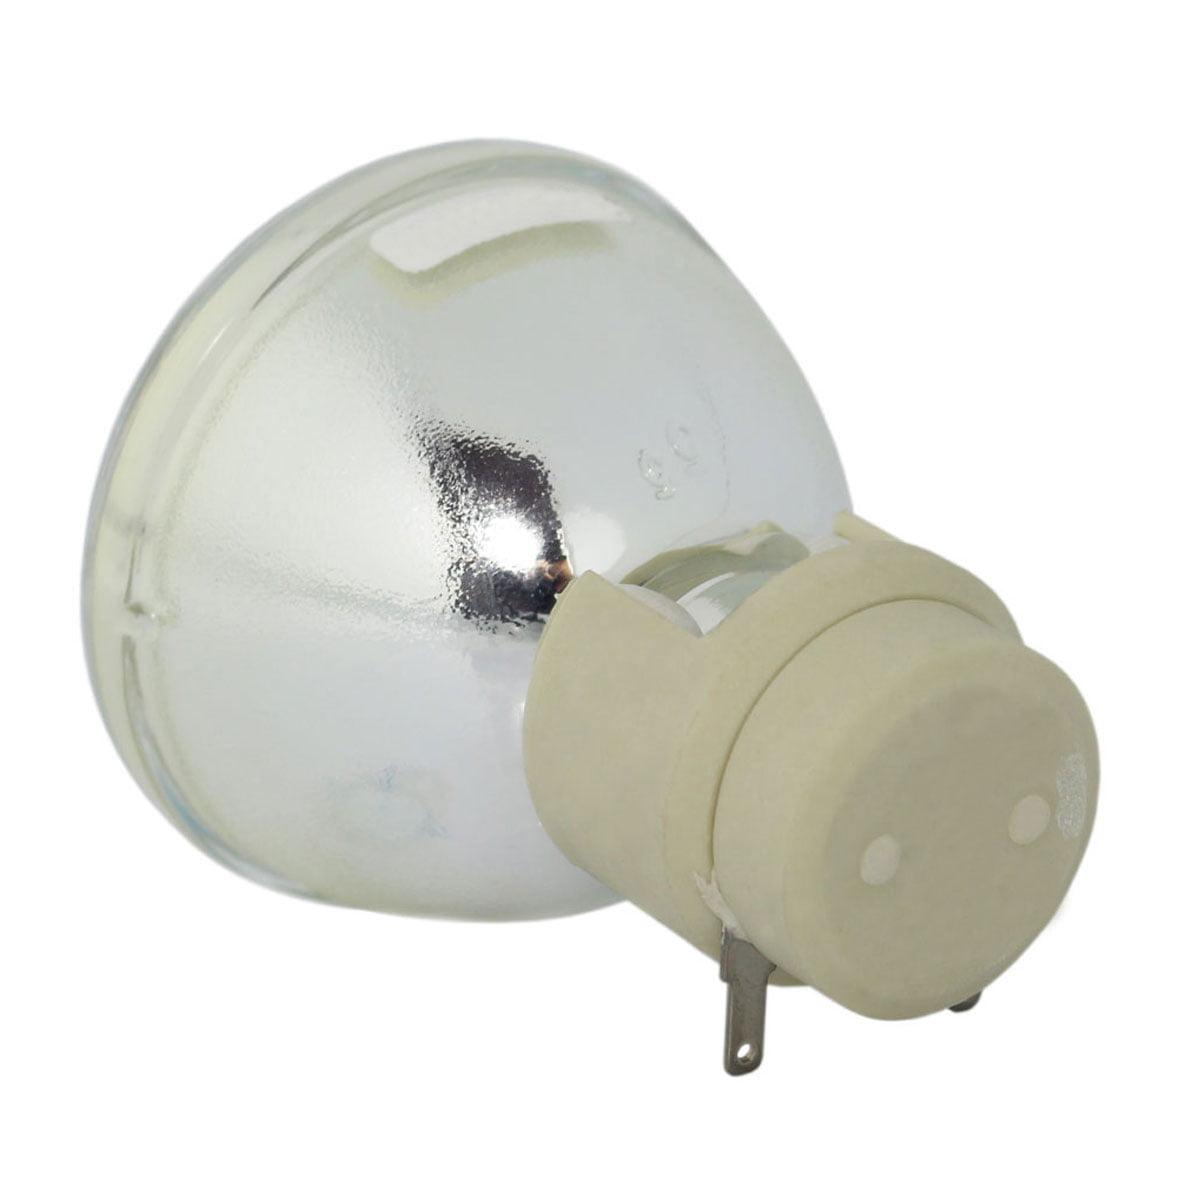 Lutema Platinum lampe pour ViewSonic PX726HD Projecteur (ampoule Philips originale) - image 4 de 5